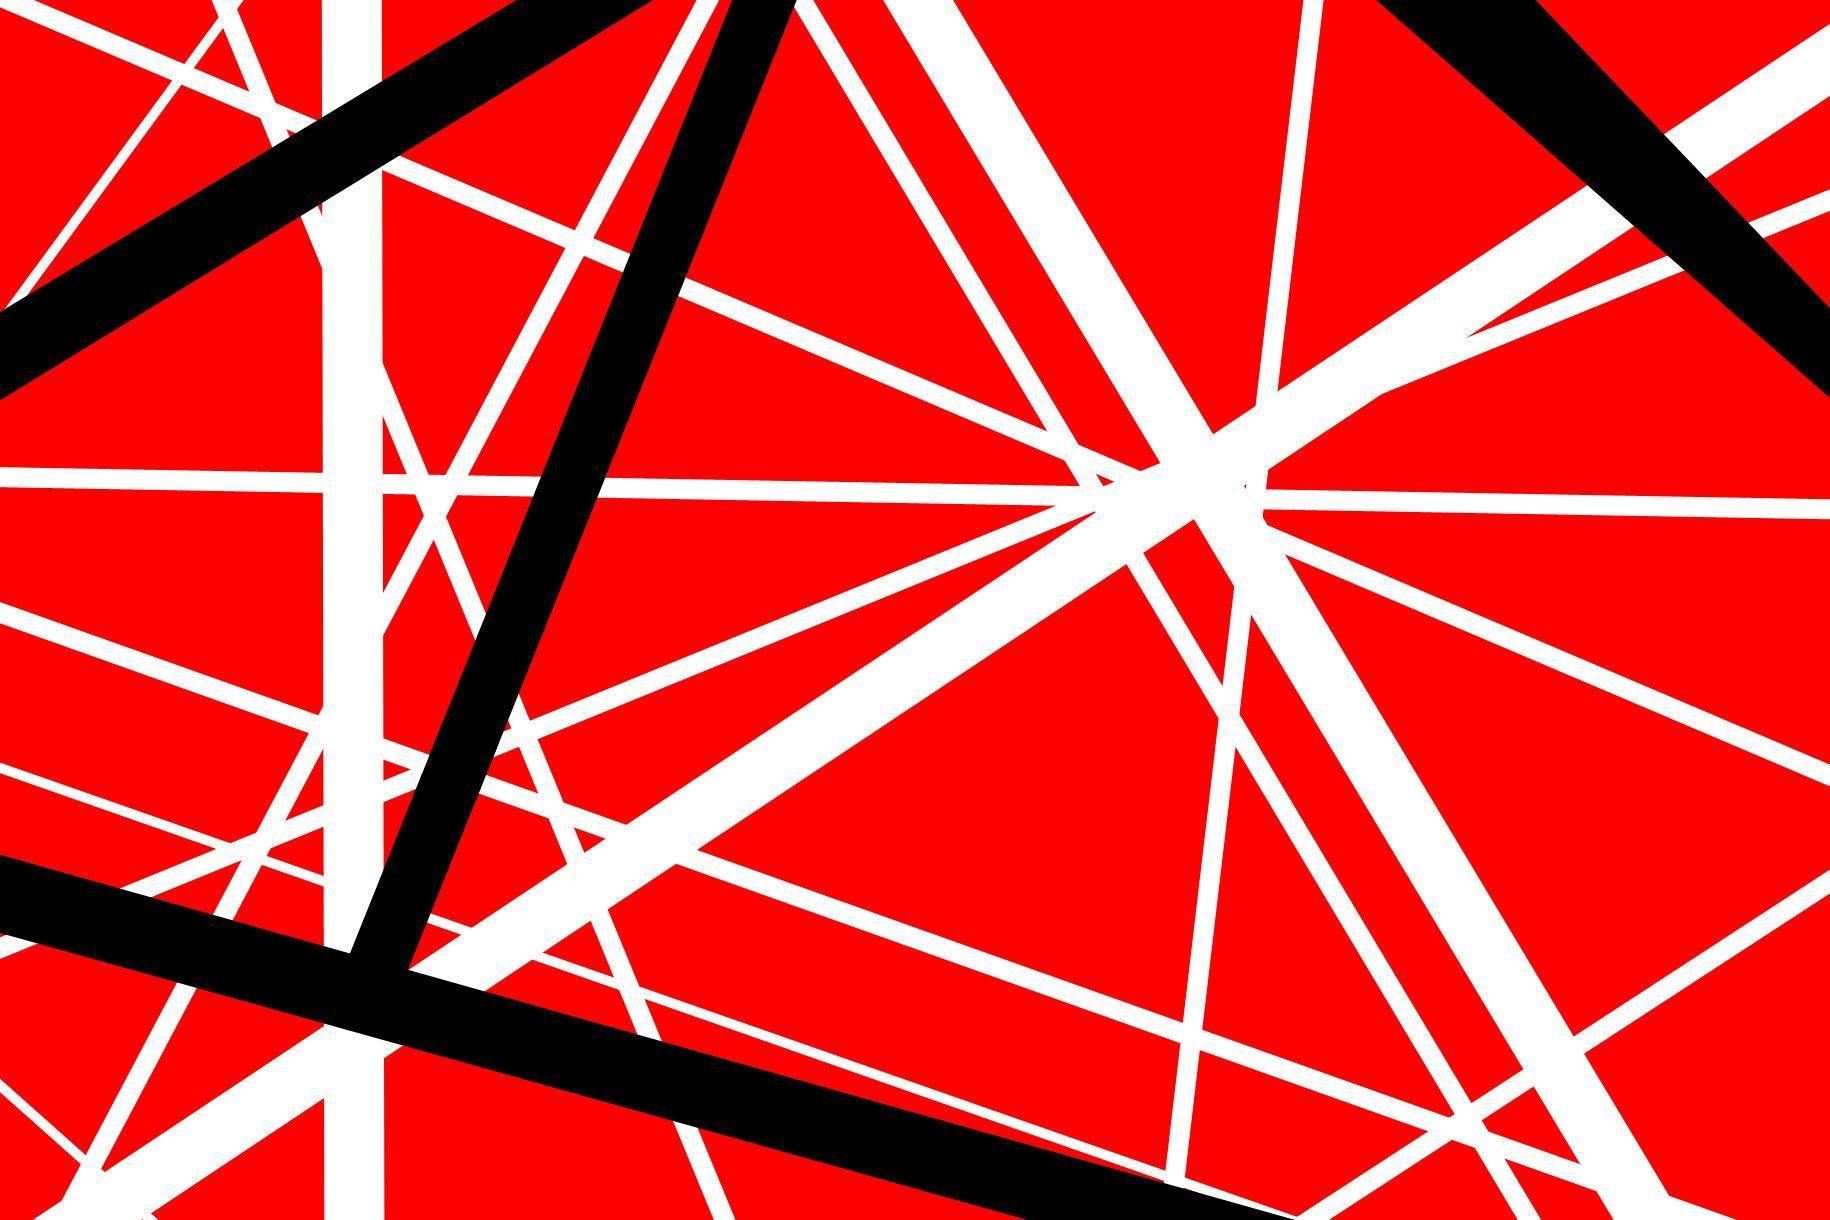 Van Halen Backgrounds 1830x1220